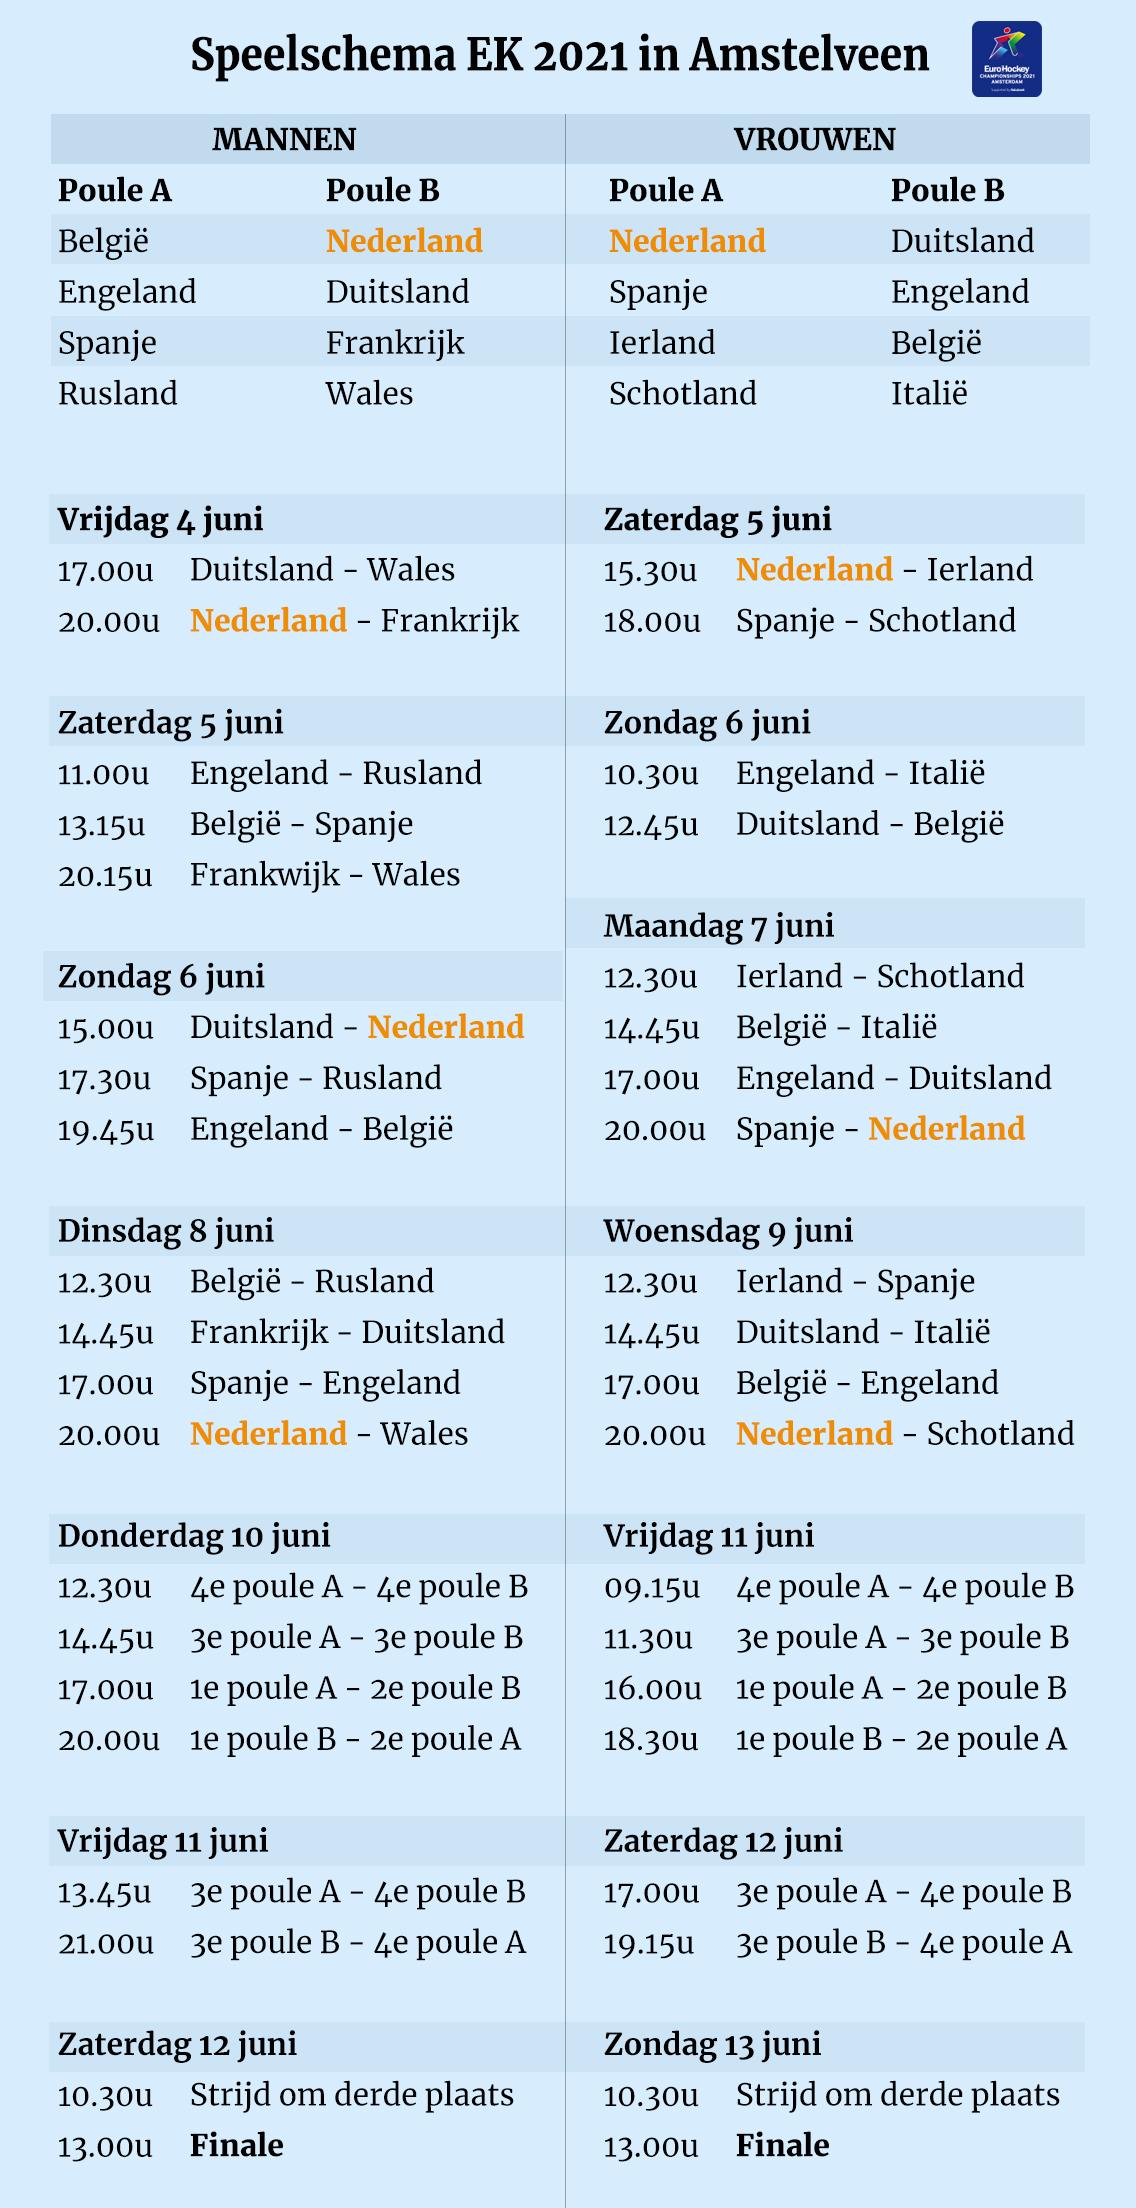 Kaartverkoop Ek Van Start Elke Dag Plaats Voor 2 700 Fans